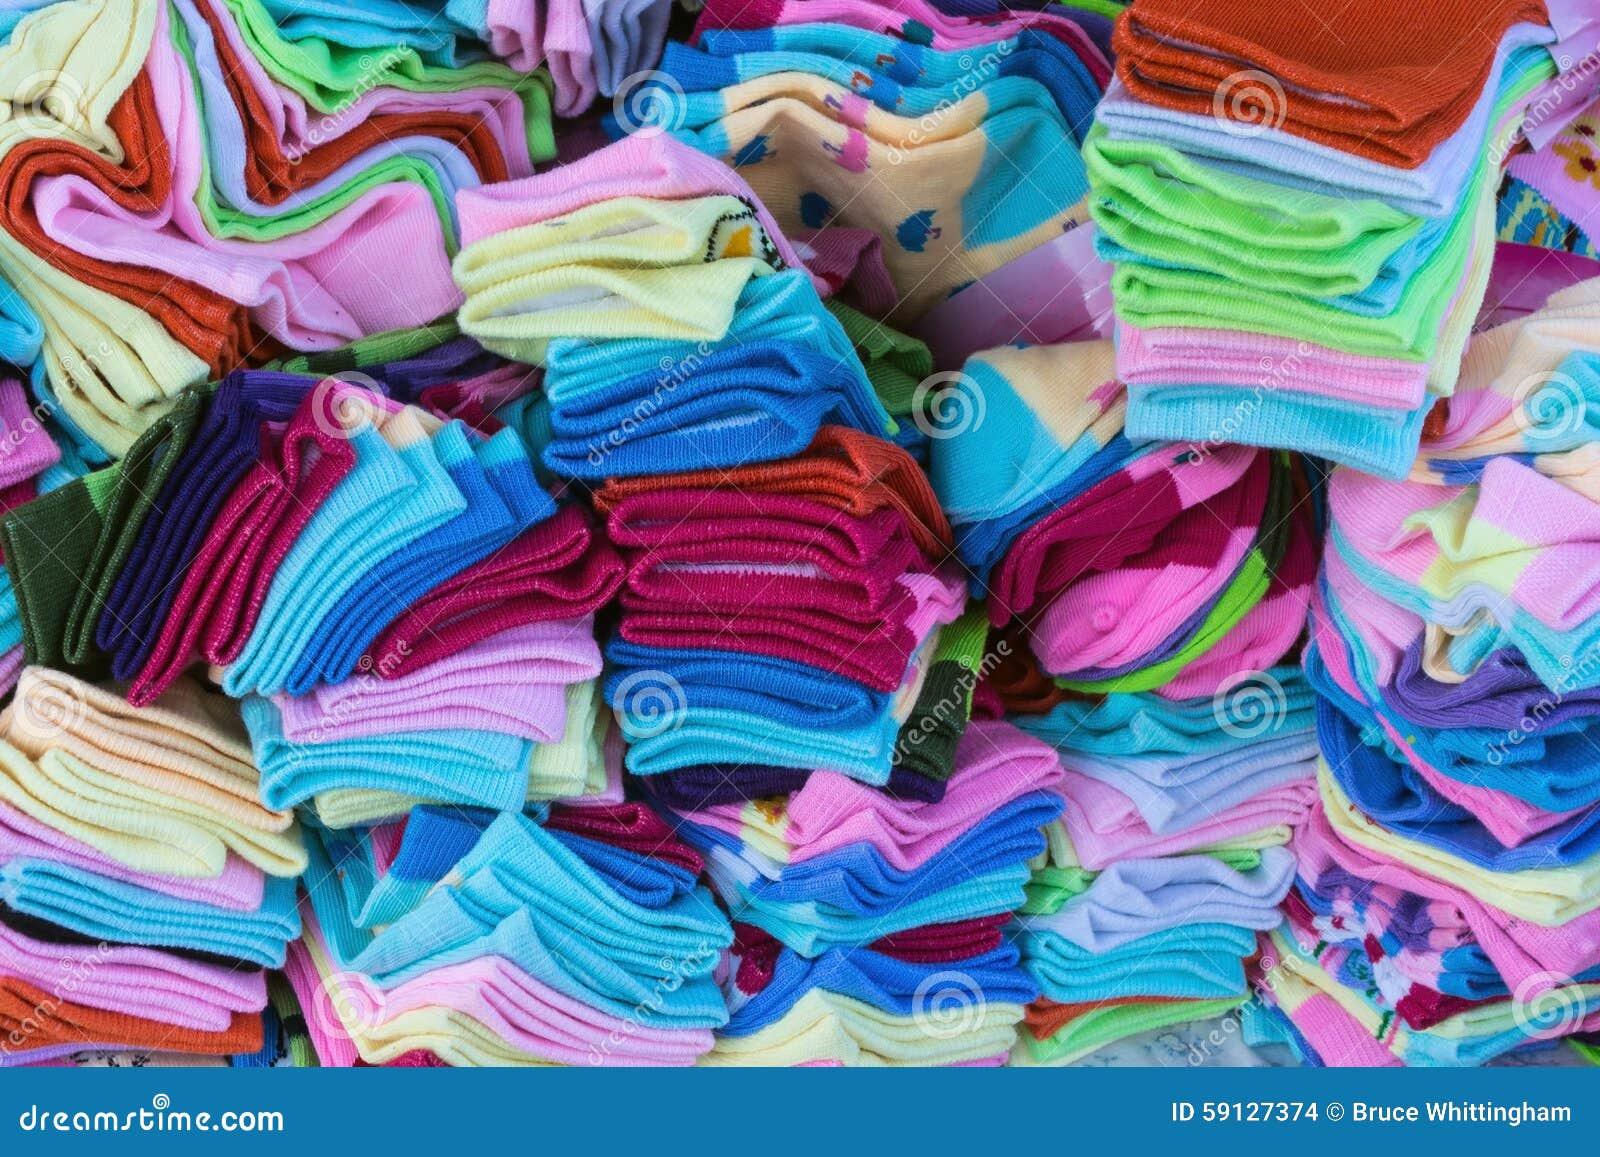 Calzini Colourful